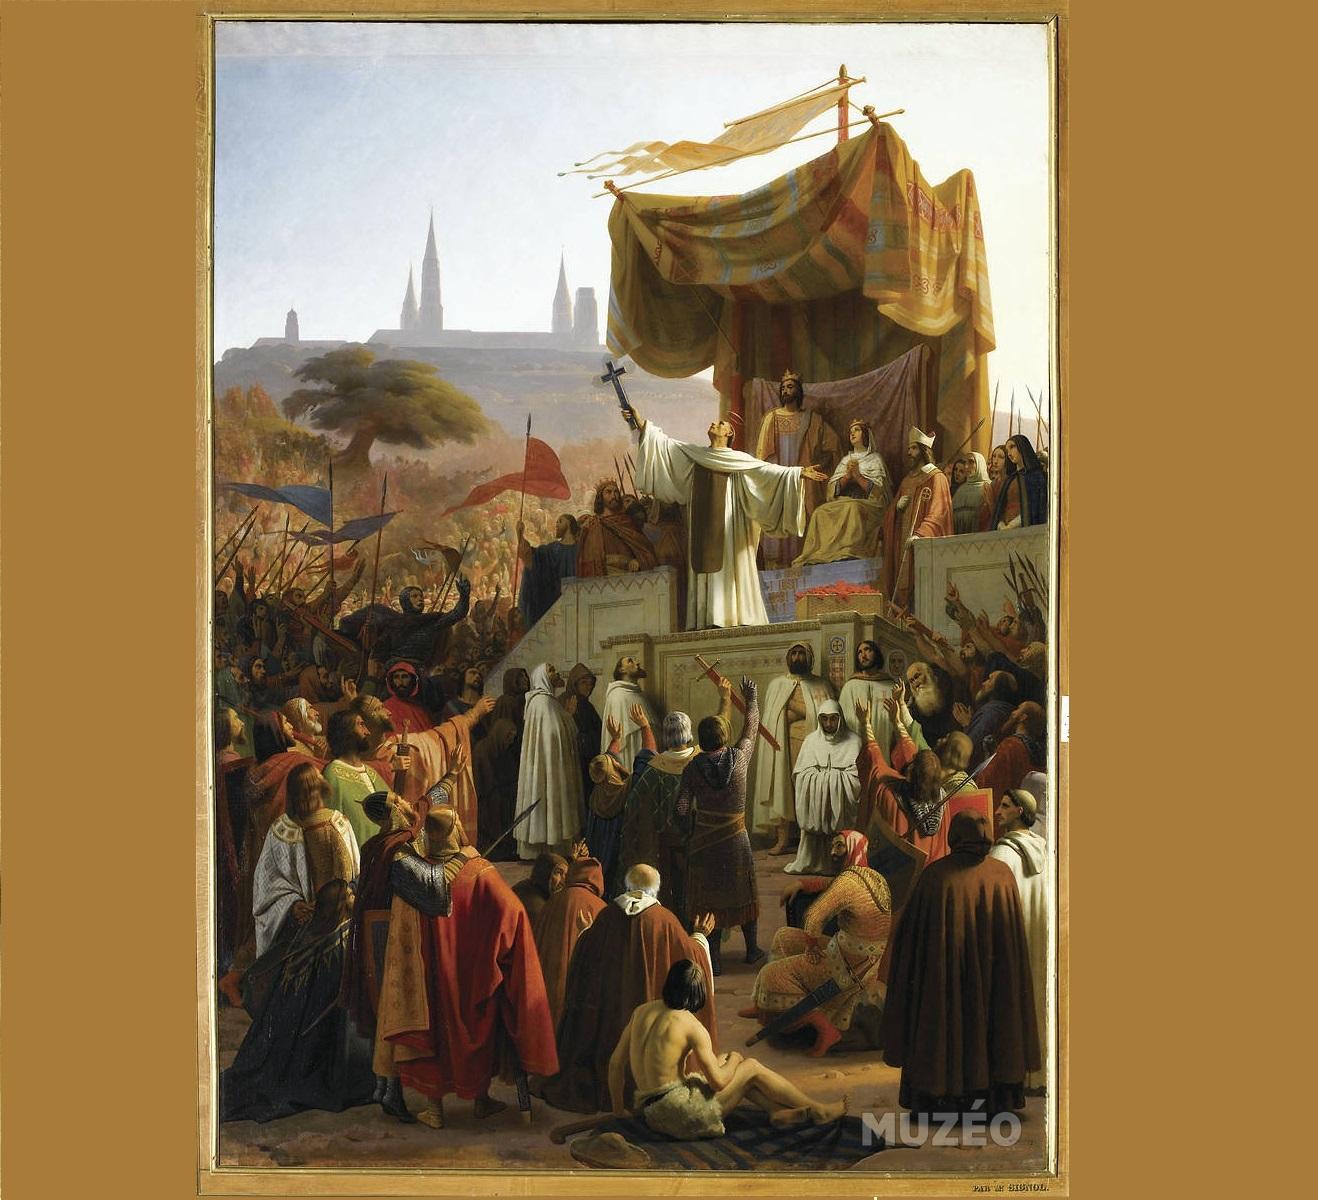 第2回十字軍3カリスマ、サンベルナール